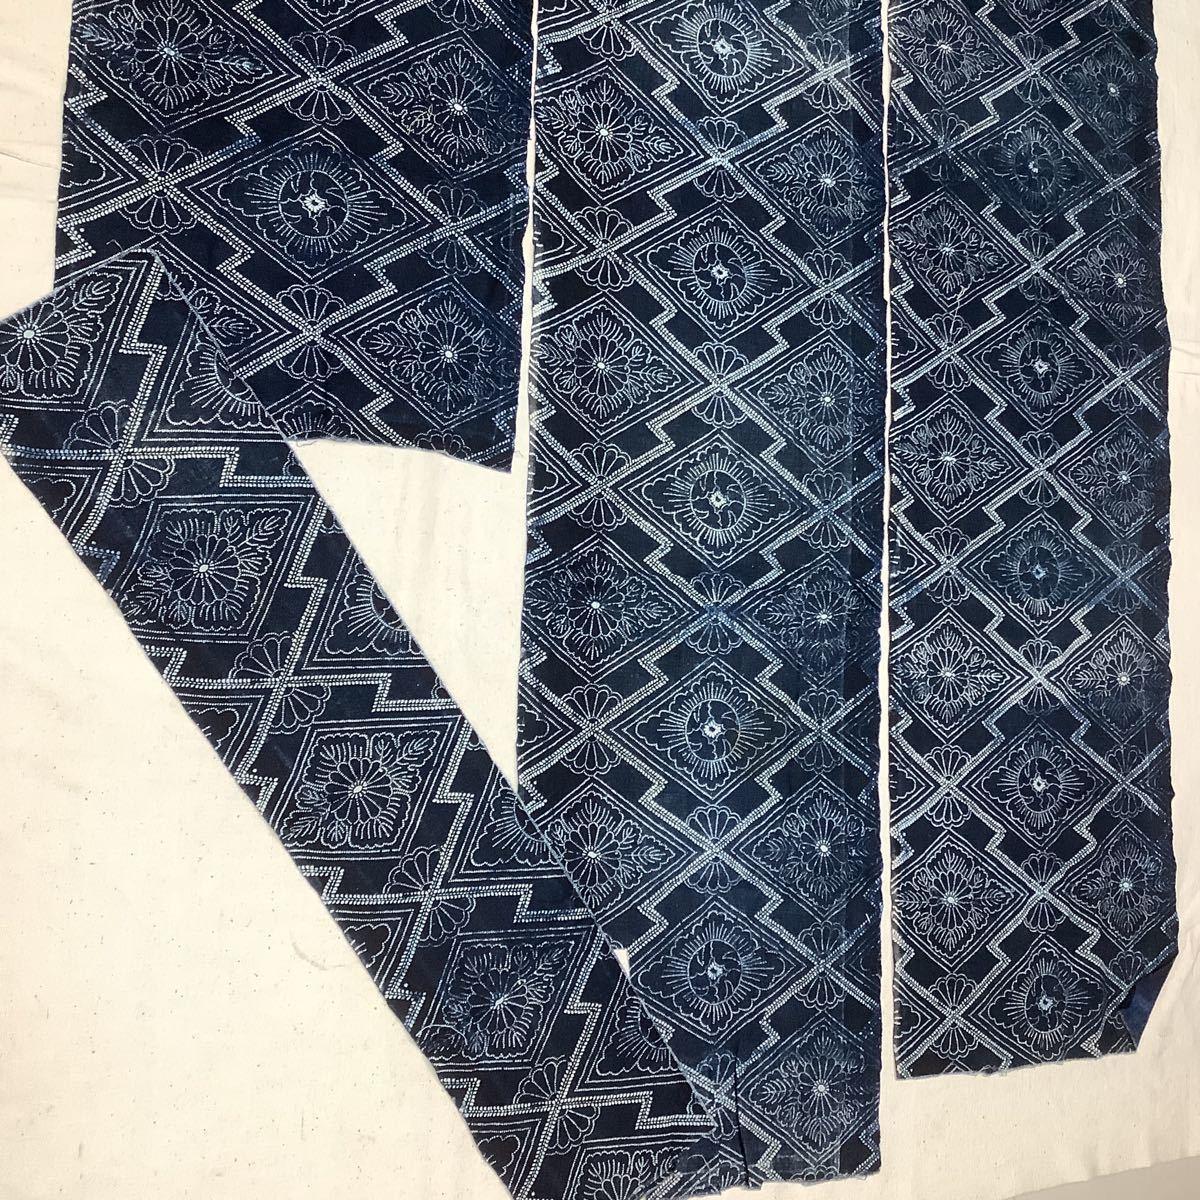 ◆古布前掛け専門屋◆アンティーク◆手織木綿◆本藍染◆型染め◆3幅3巾◆布団側◆刺子襤褸麻書生絣蚊絣雪ん子BOROはぎれ_画像3